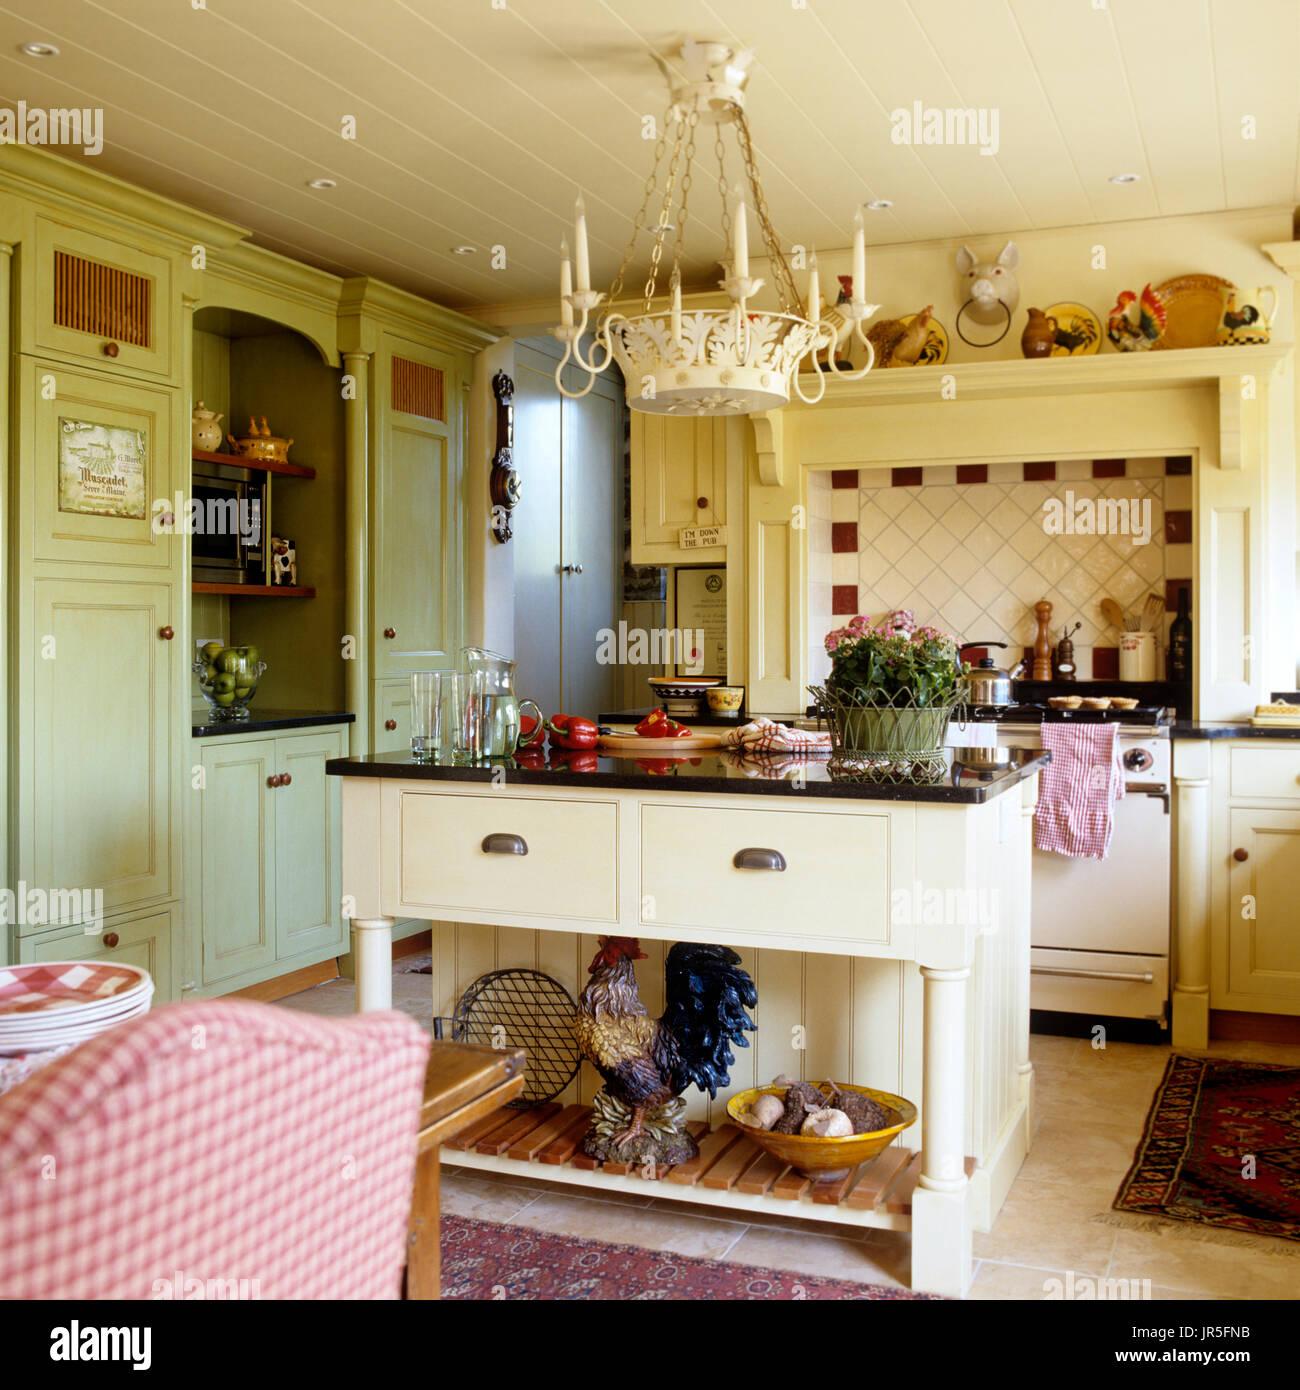 Landhausküche mit Kronleuchter Stockfoto, Bild: 151942151 - Alamy